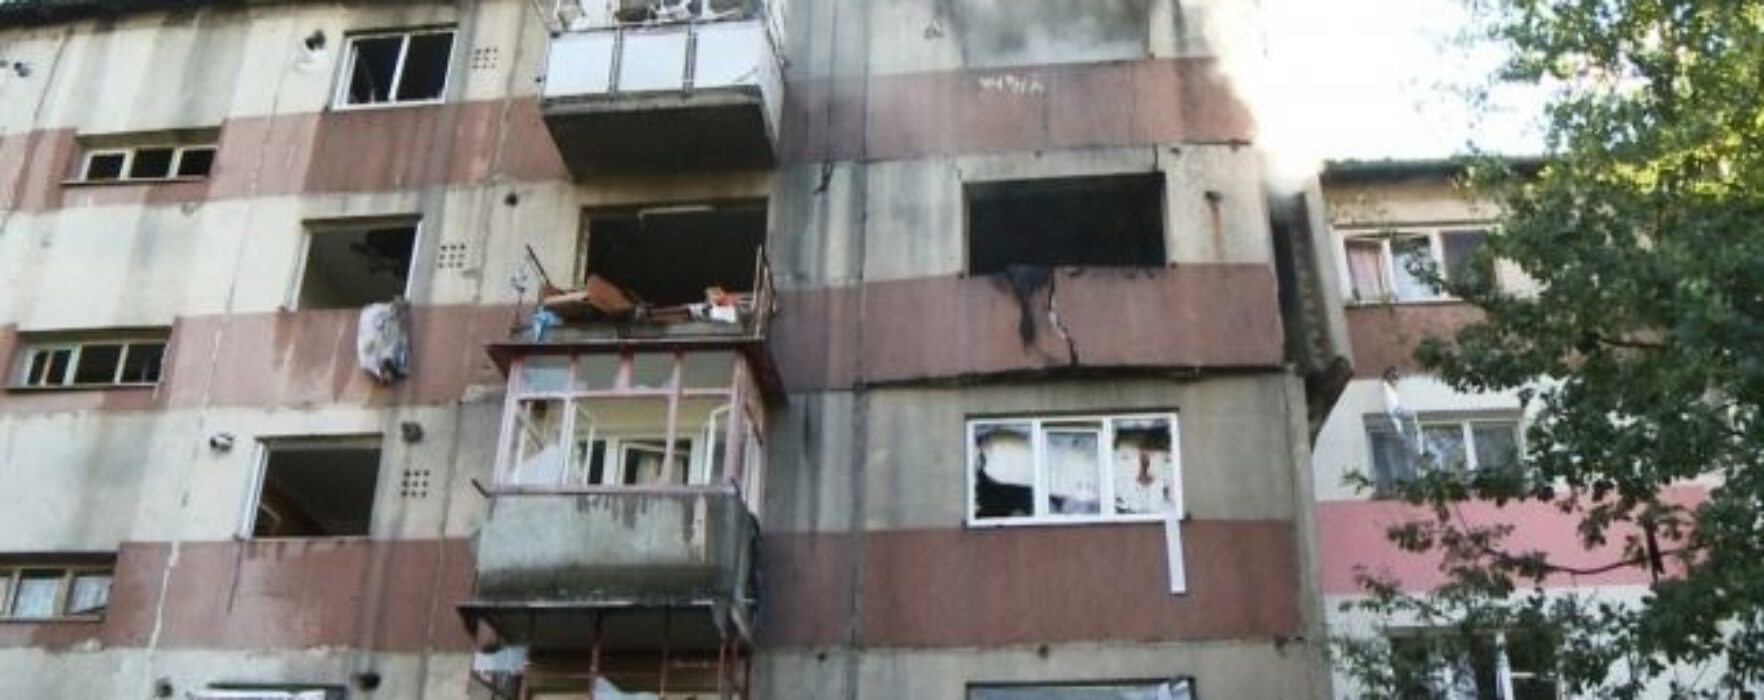 Locuitorii blocului din Fieni afectat de explozie, cazaţi în sala de sport